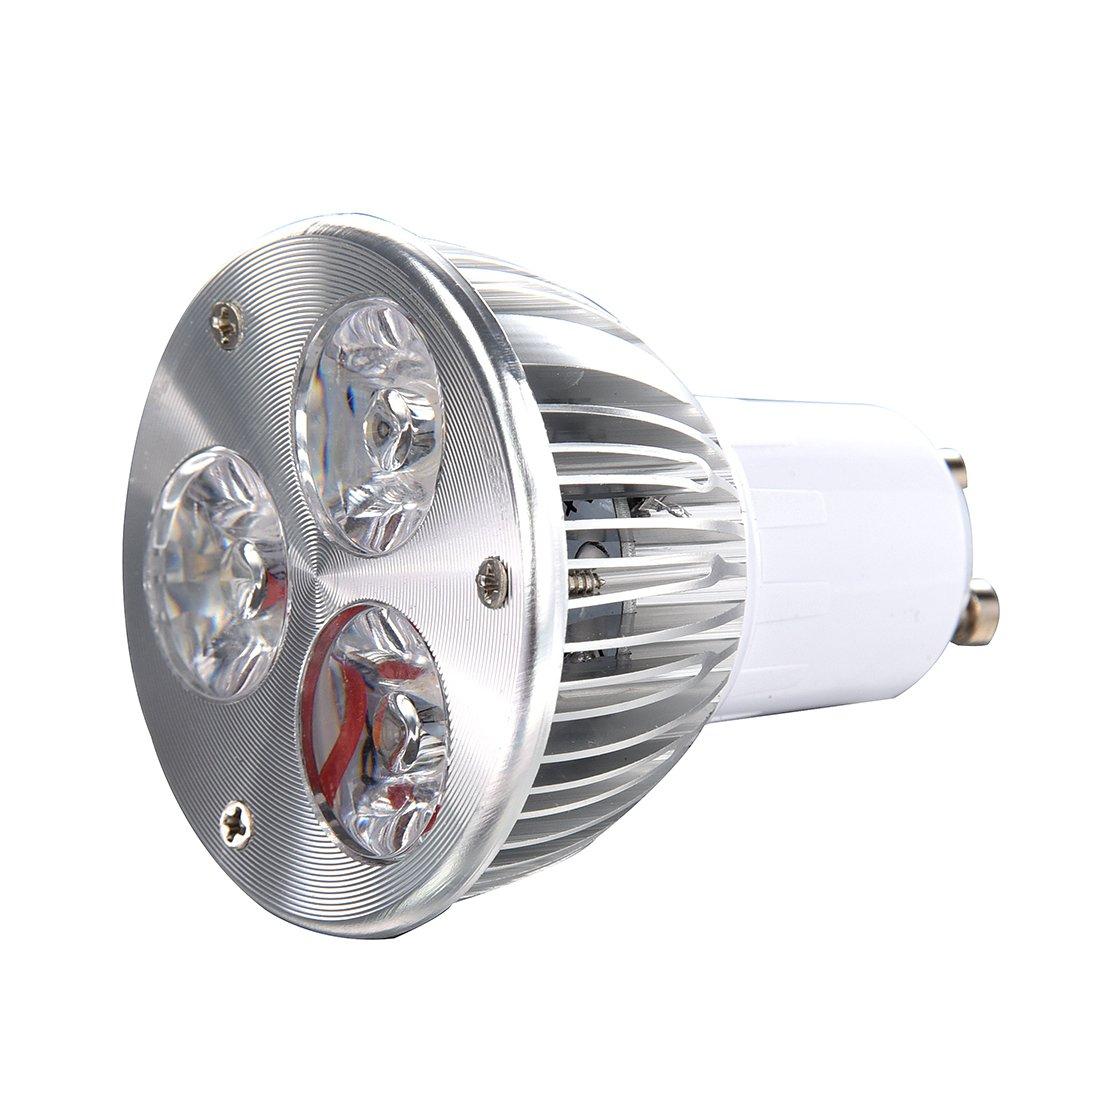 Spotlight - SODIAL(R) GU10 3W 3 LED high power spot light bulb lamp light DC 12V Warm White